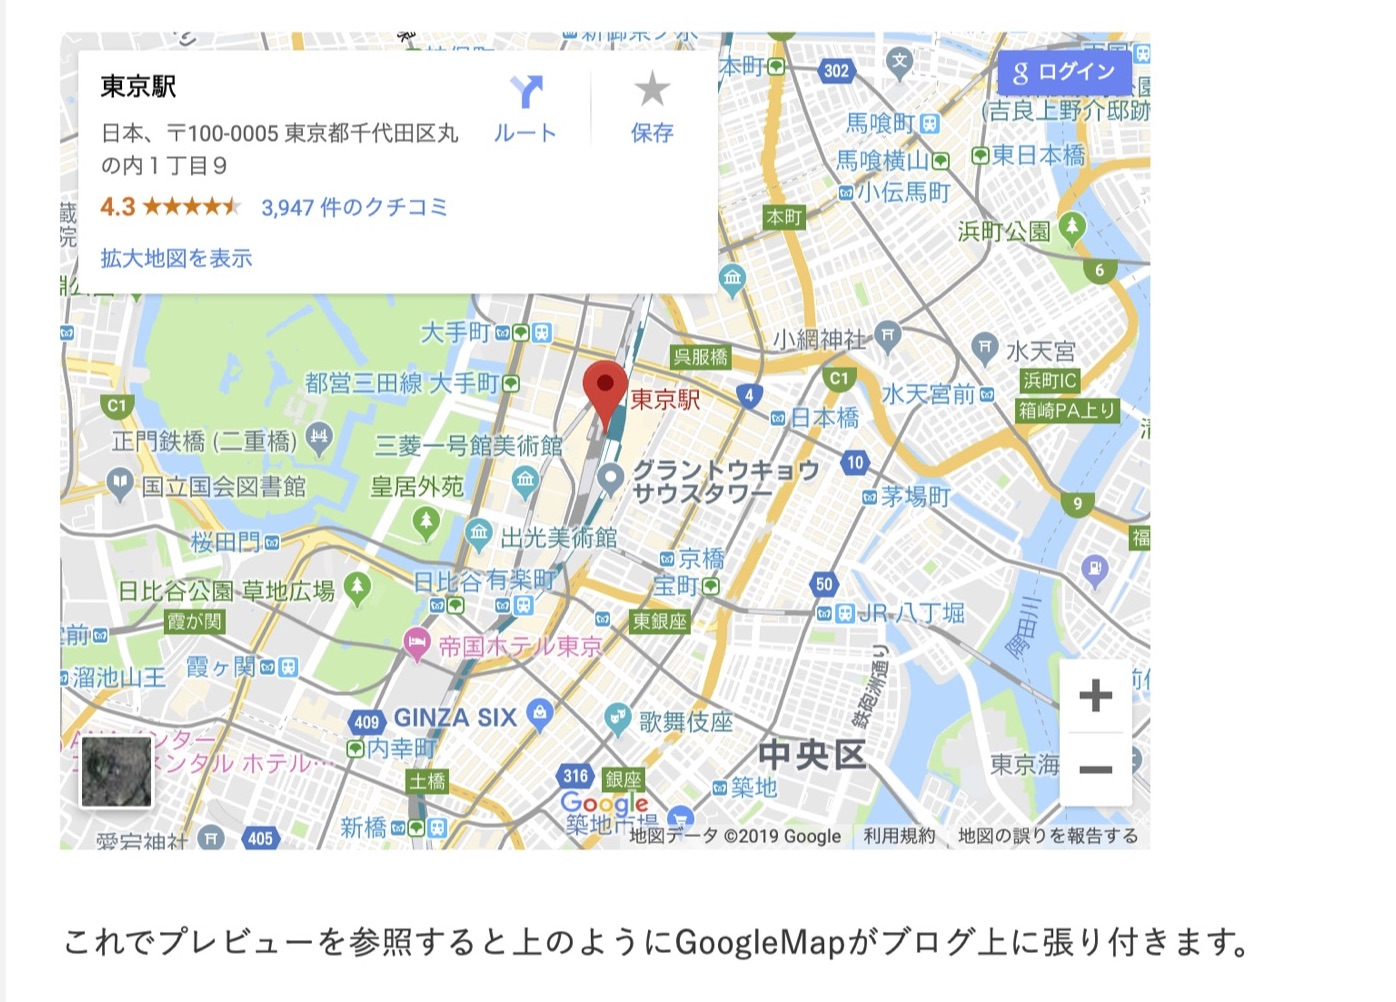 GoogleMap_13